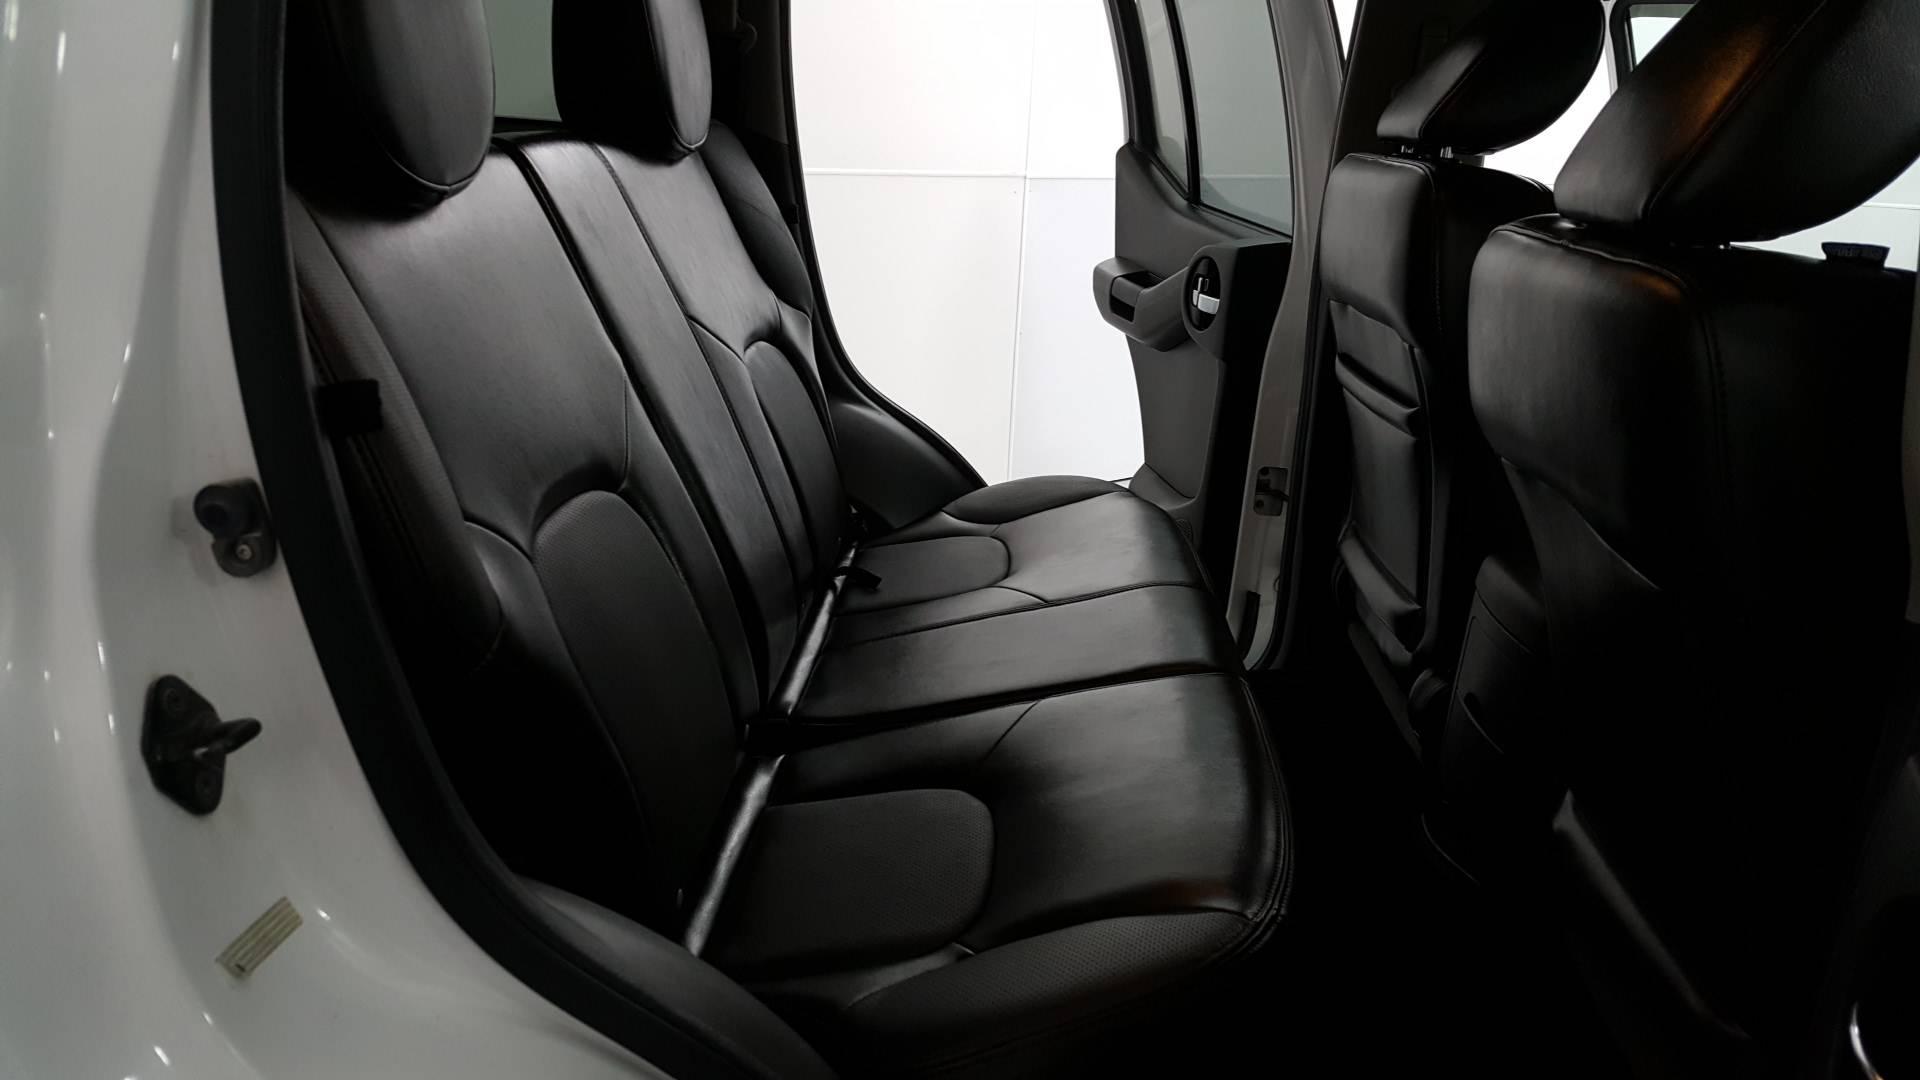 2012 Nissan Xterra Sport Utility